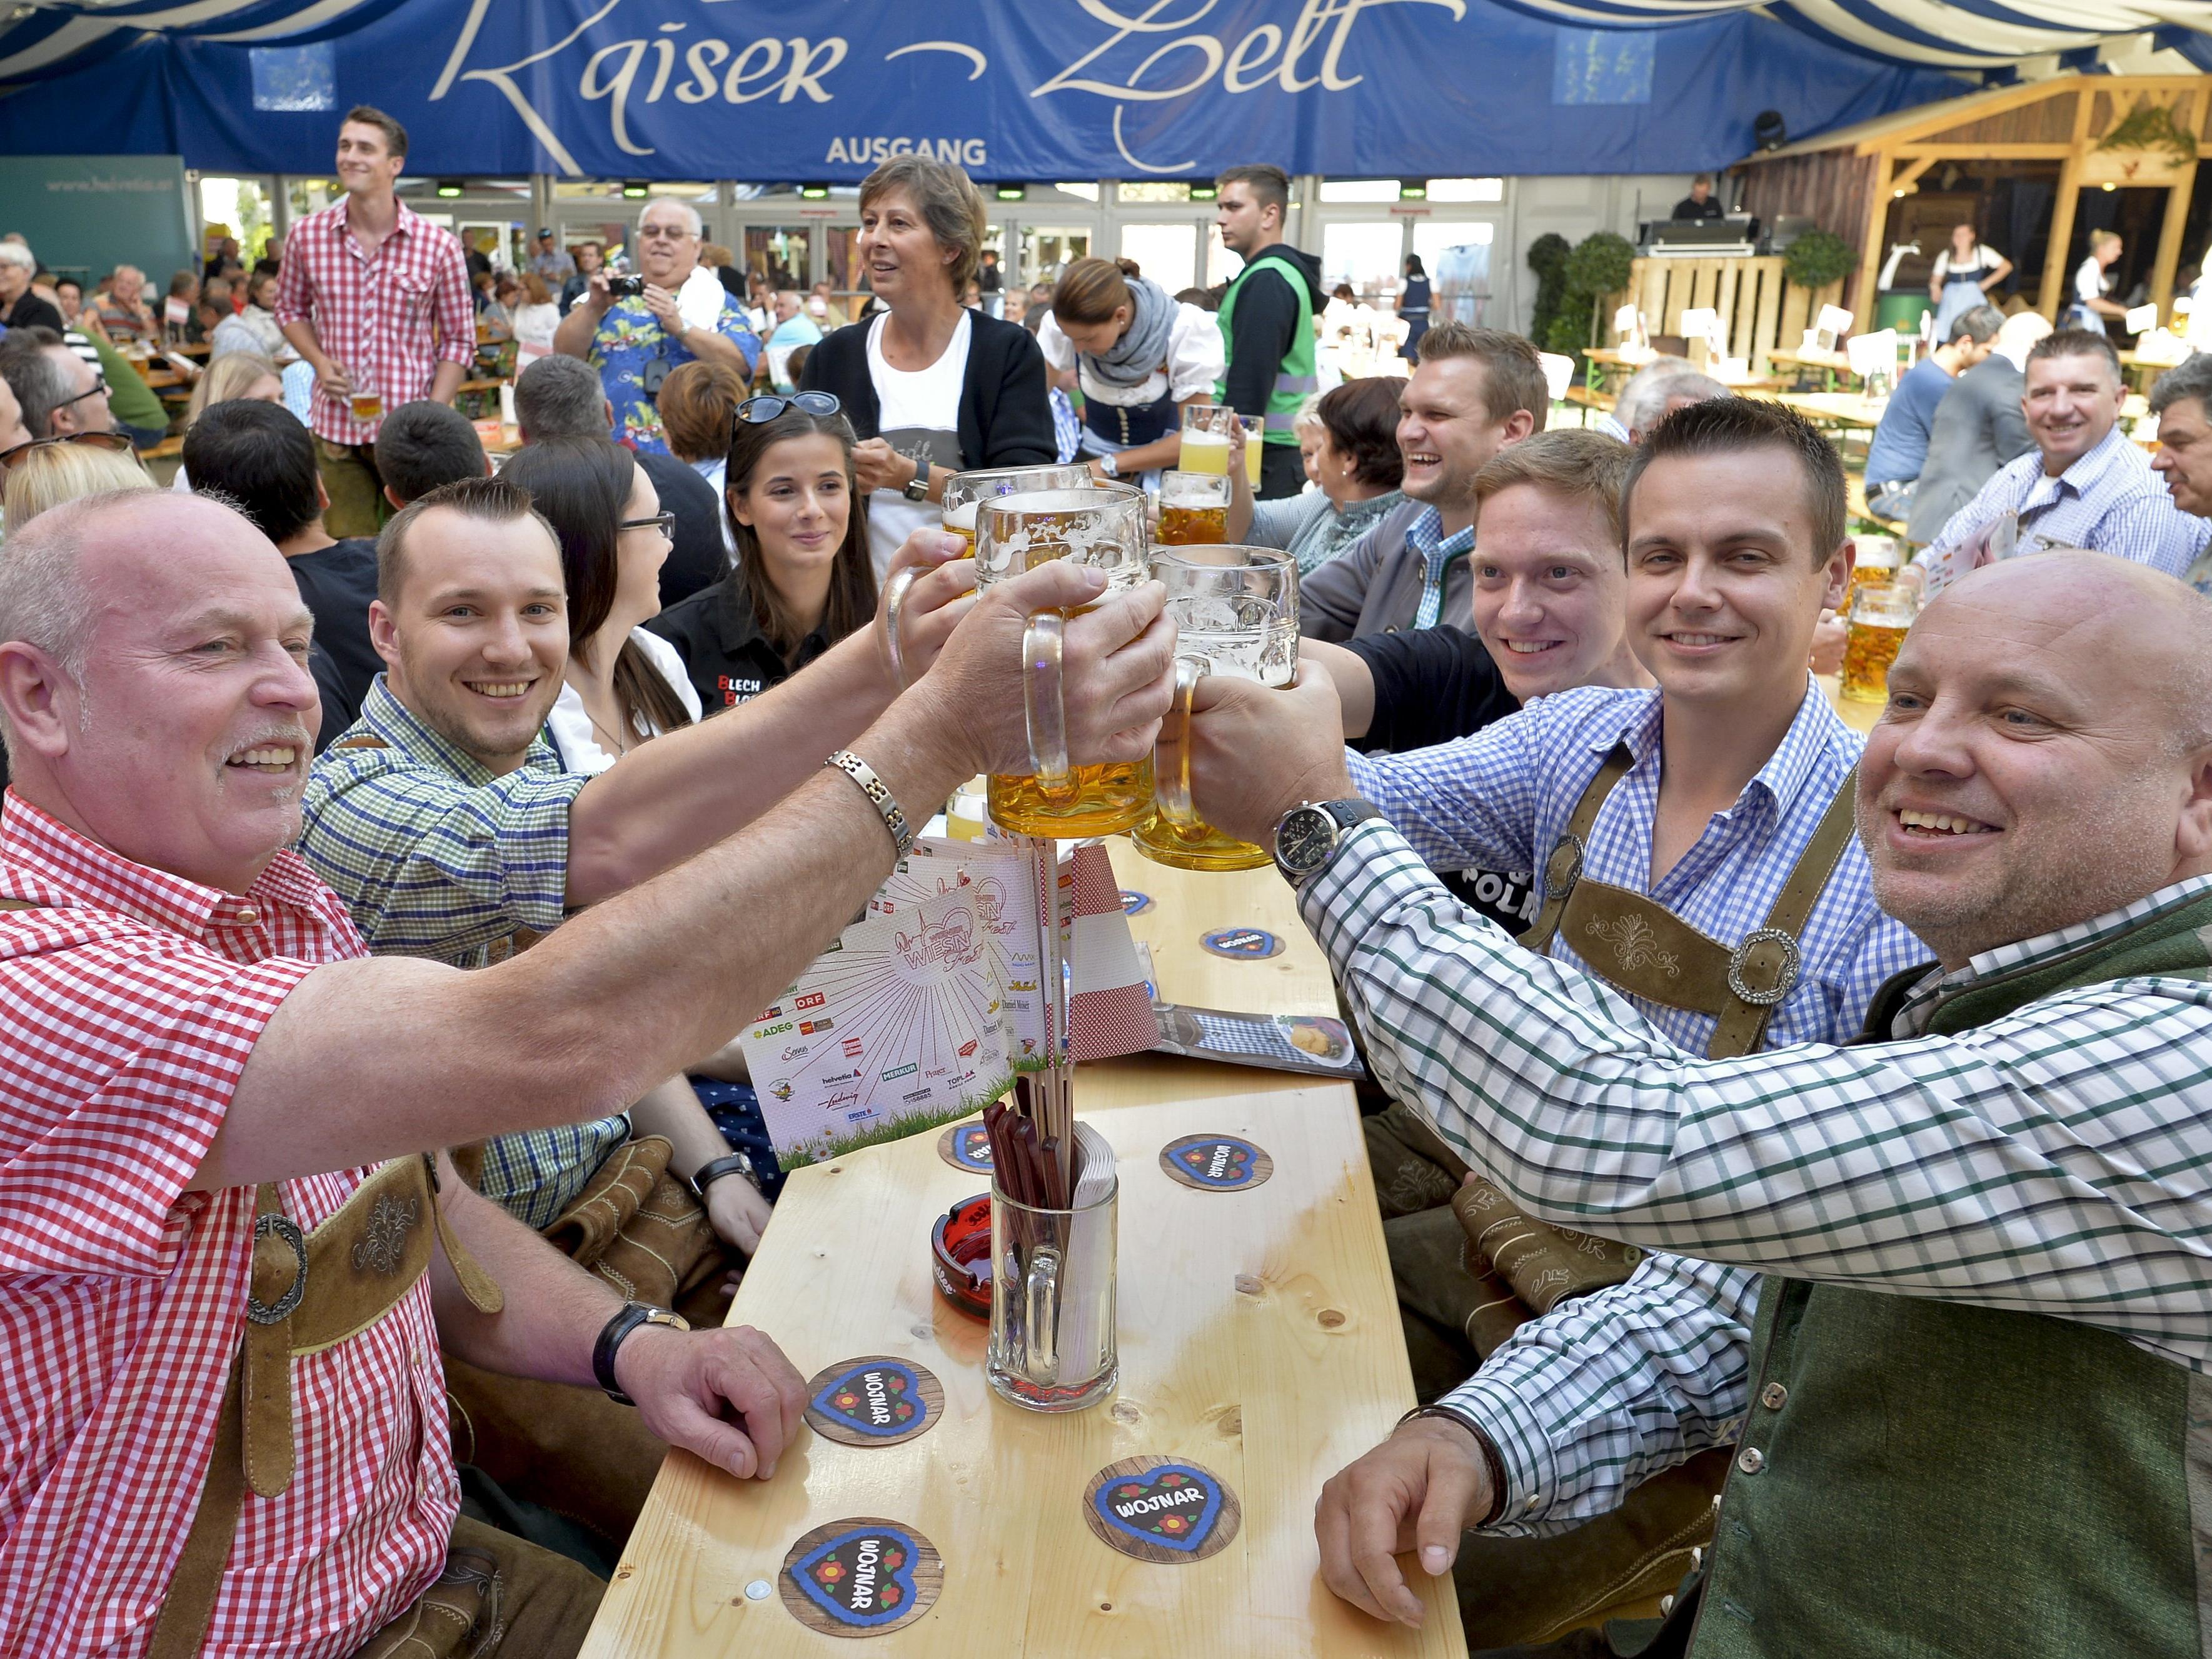 Die Wiener Wiesn wird weiterhin auf der Kaiserwiese im Prater stattfinden.